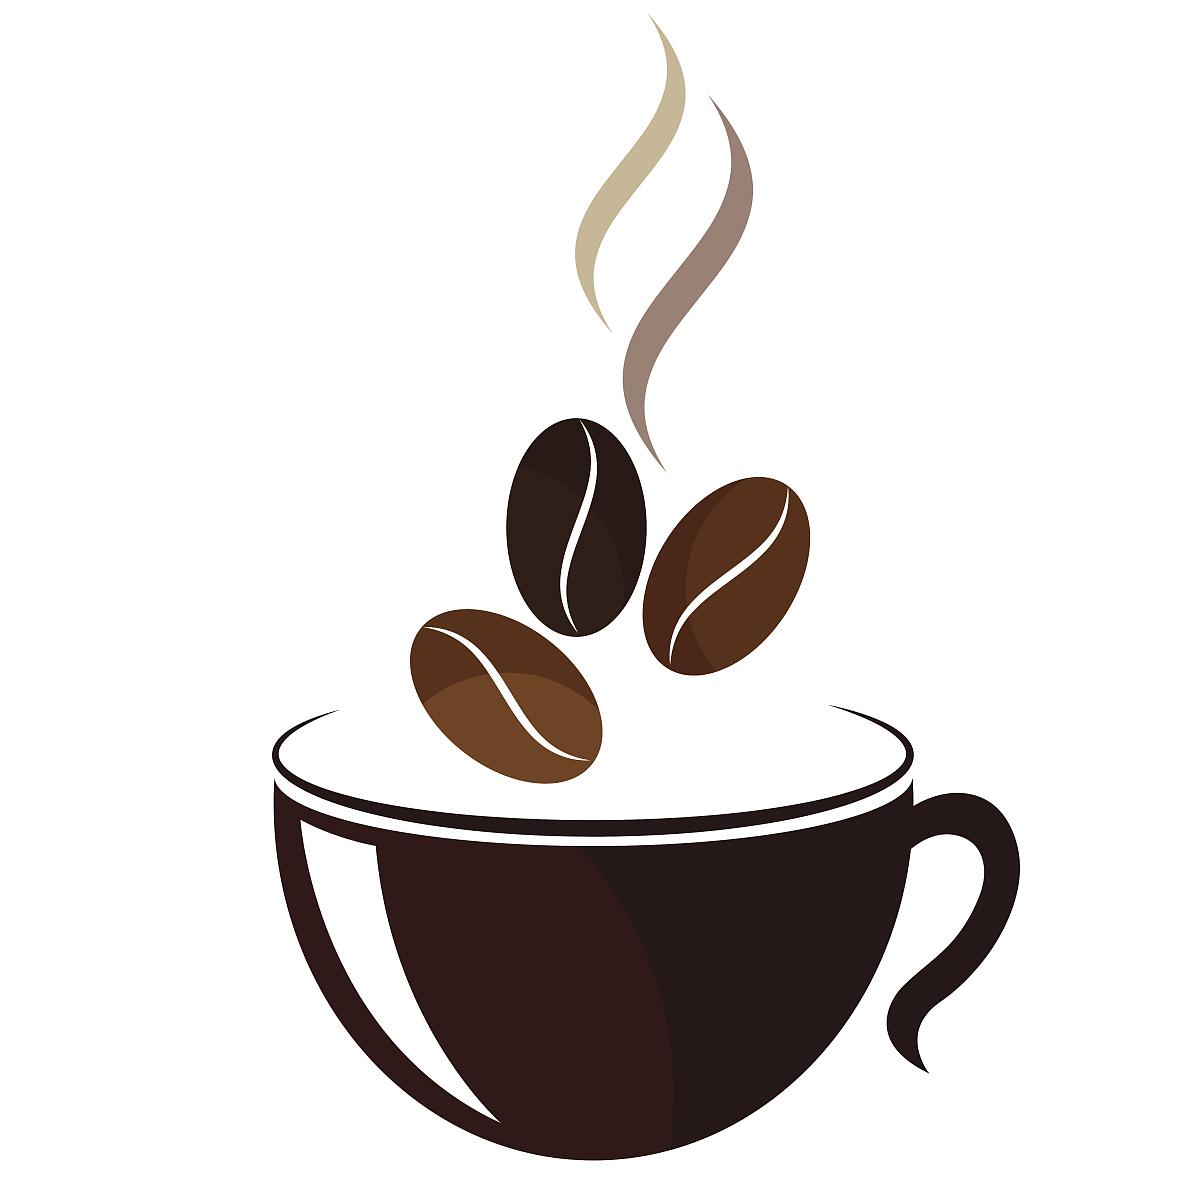 杯,茶碟,简单,蒸汽,无酒精饮料,杯球猜谜游戏,数码图形,美味,浓咖啡图片